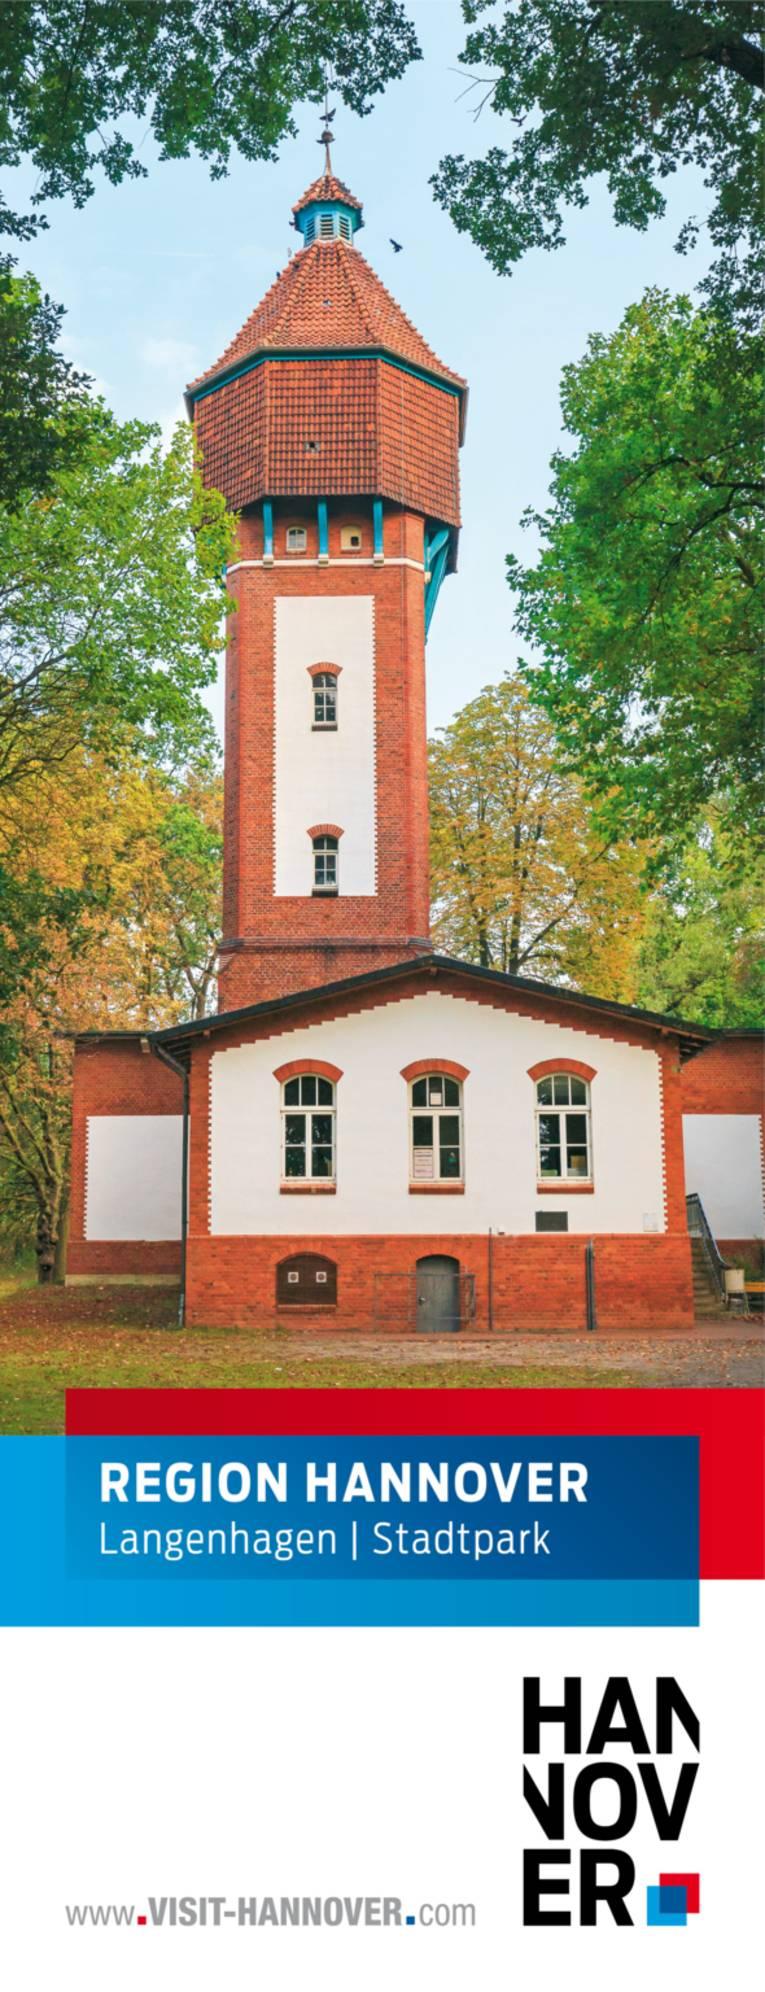 Langenhagen präsentiert sich mit einem Motiv des Stadtparks.